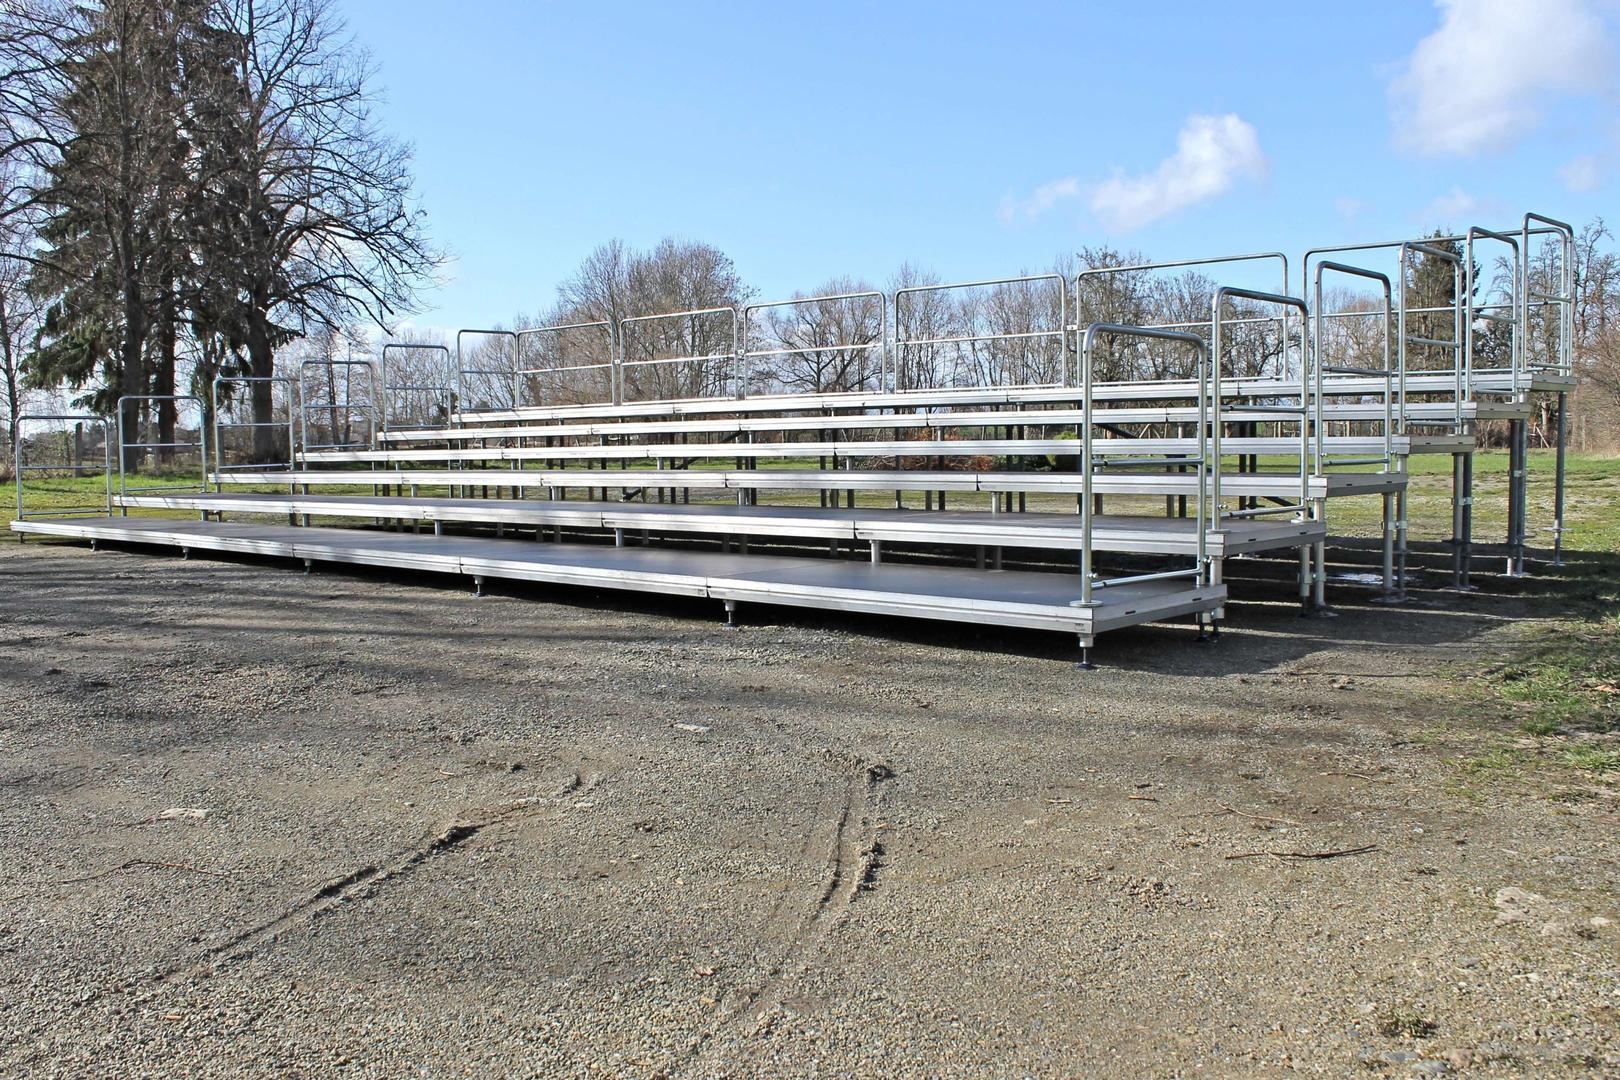 Bühne mieten & vermieten - Tribüne – Sitz-Tribüne Sitztribüne mit 6-Stufen und Geländer 12x6m in Gröningen